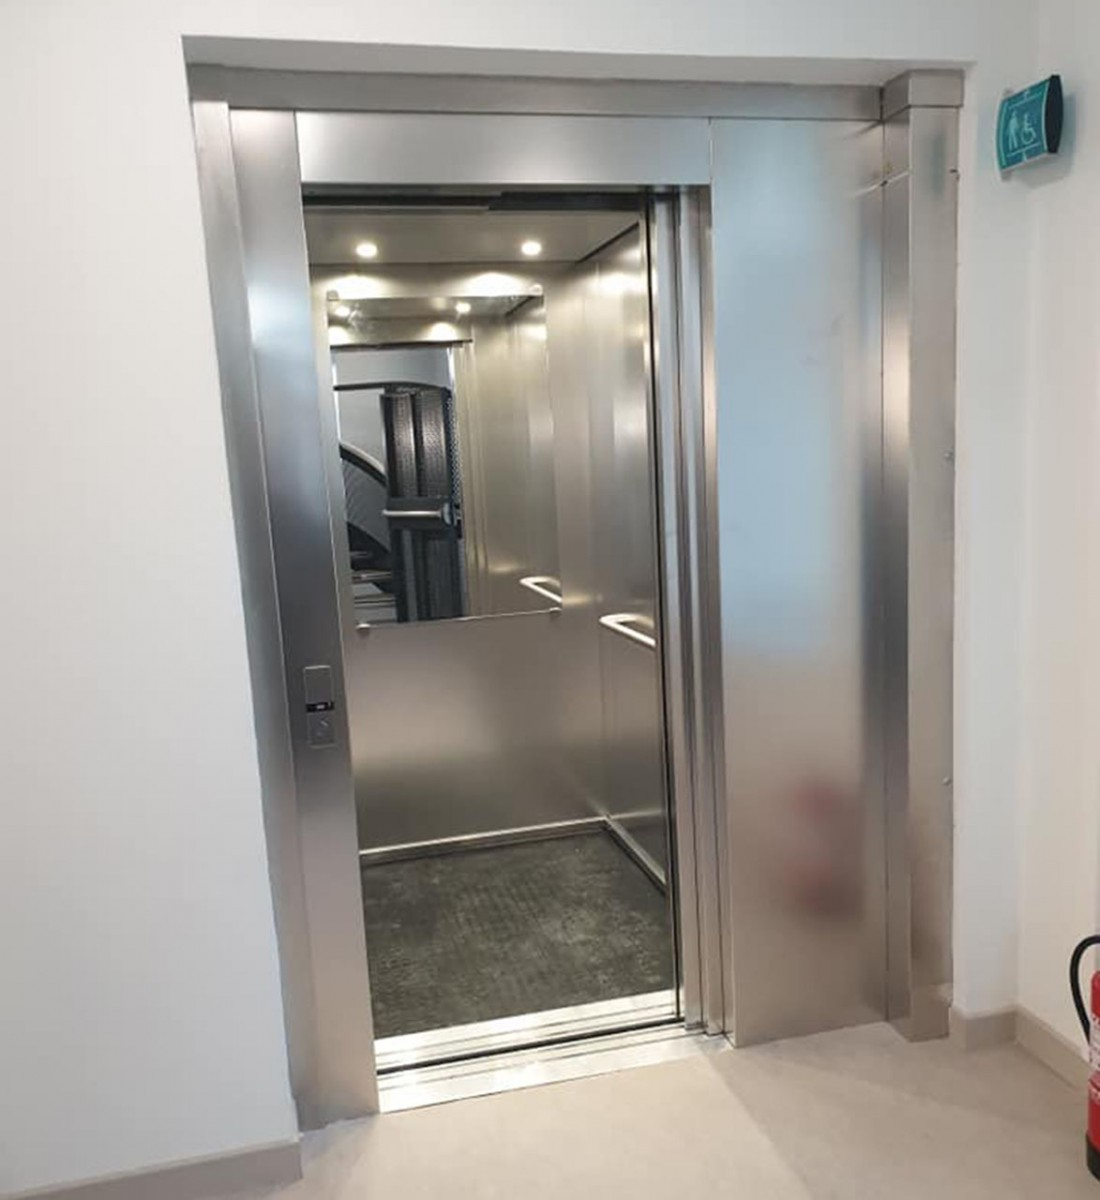 1920x1280px-ascenseur-accueil-benoite-vaux-287562